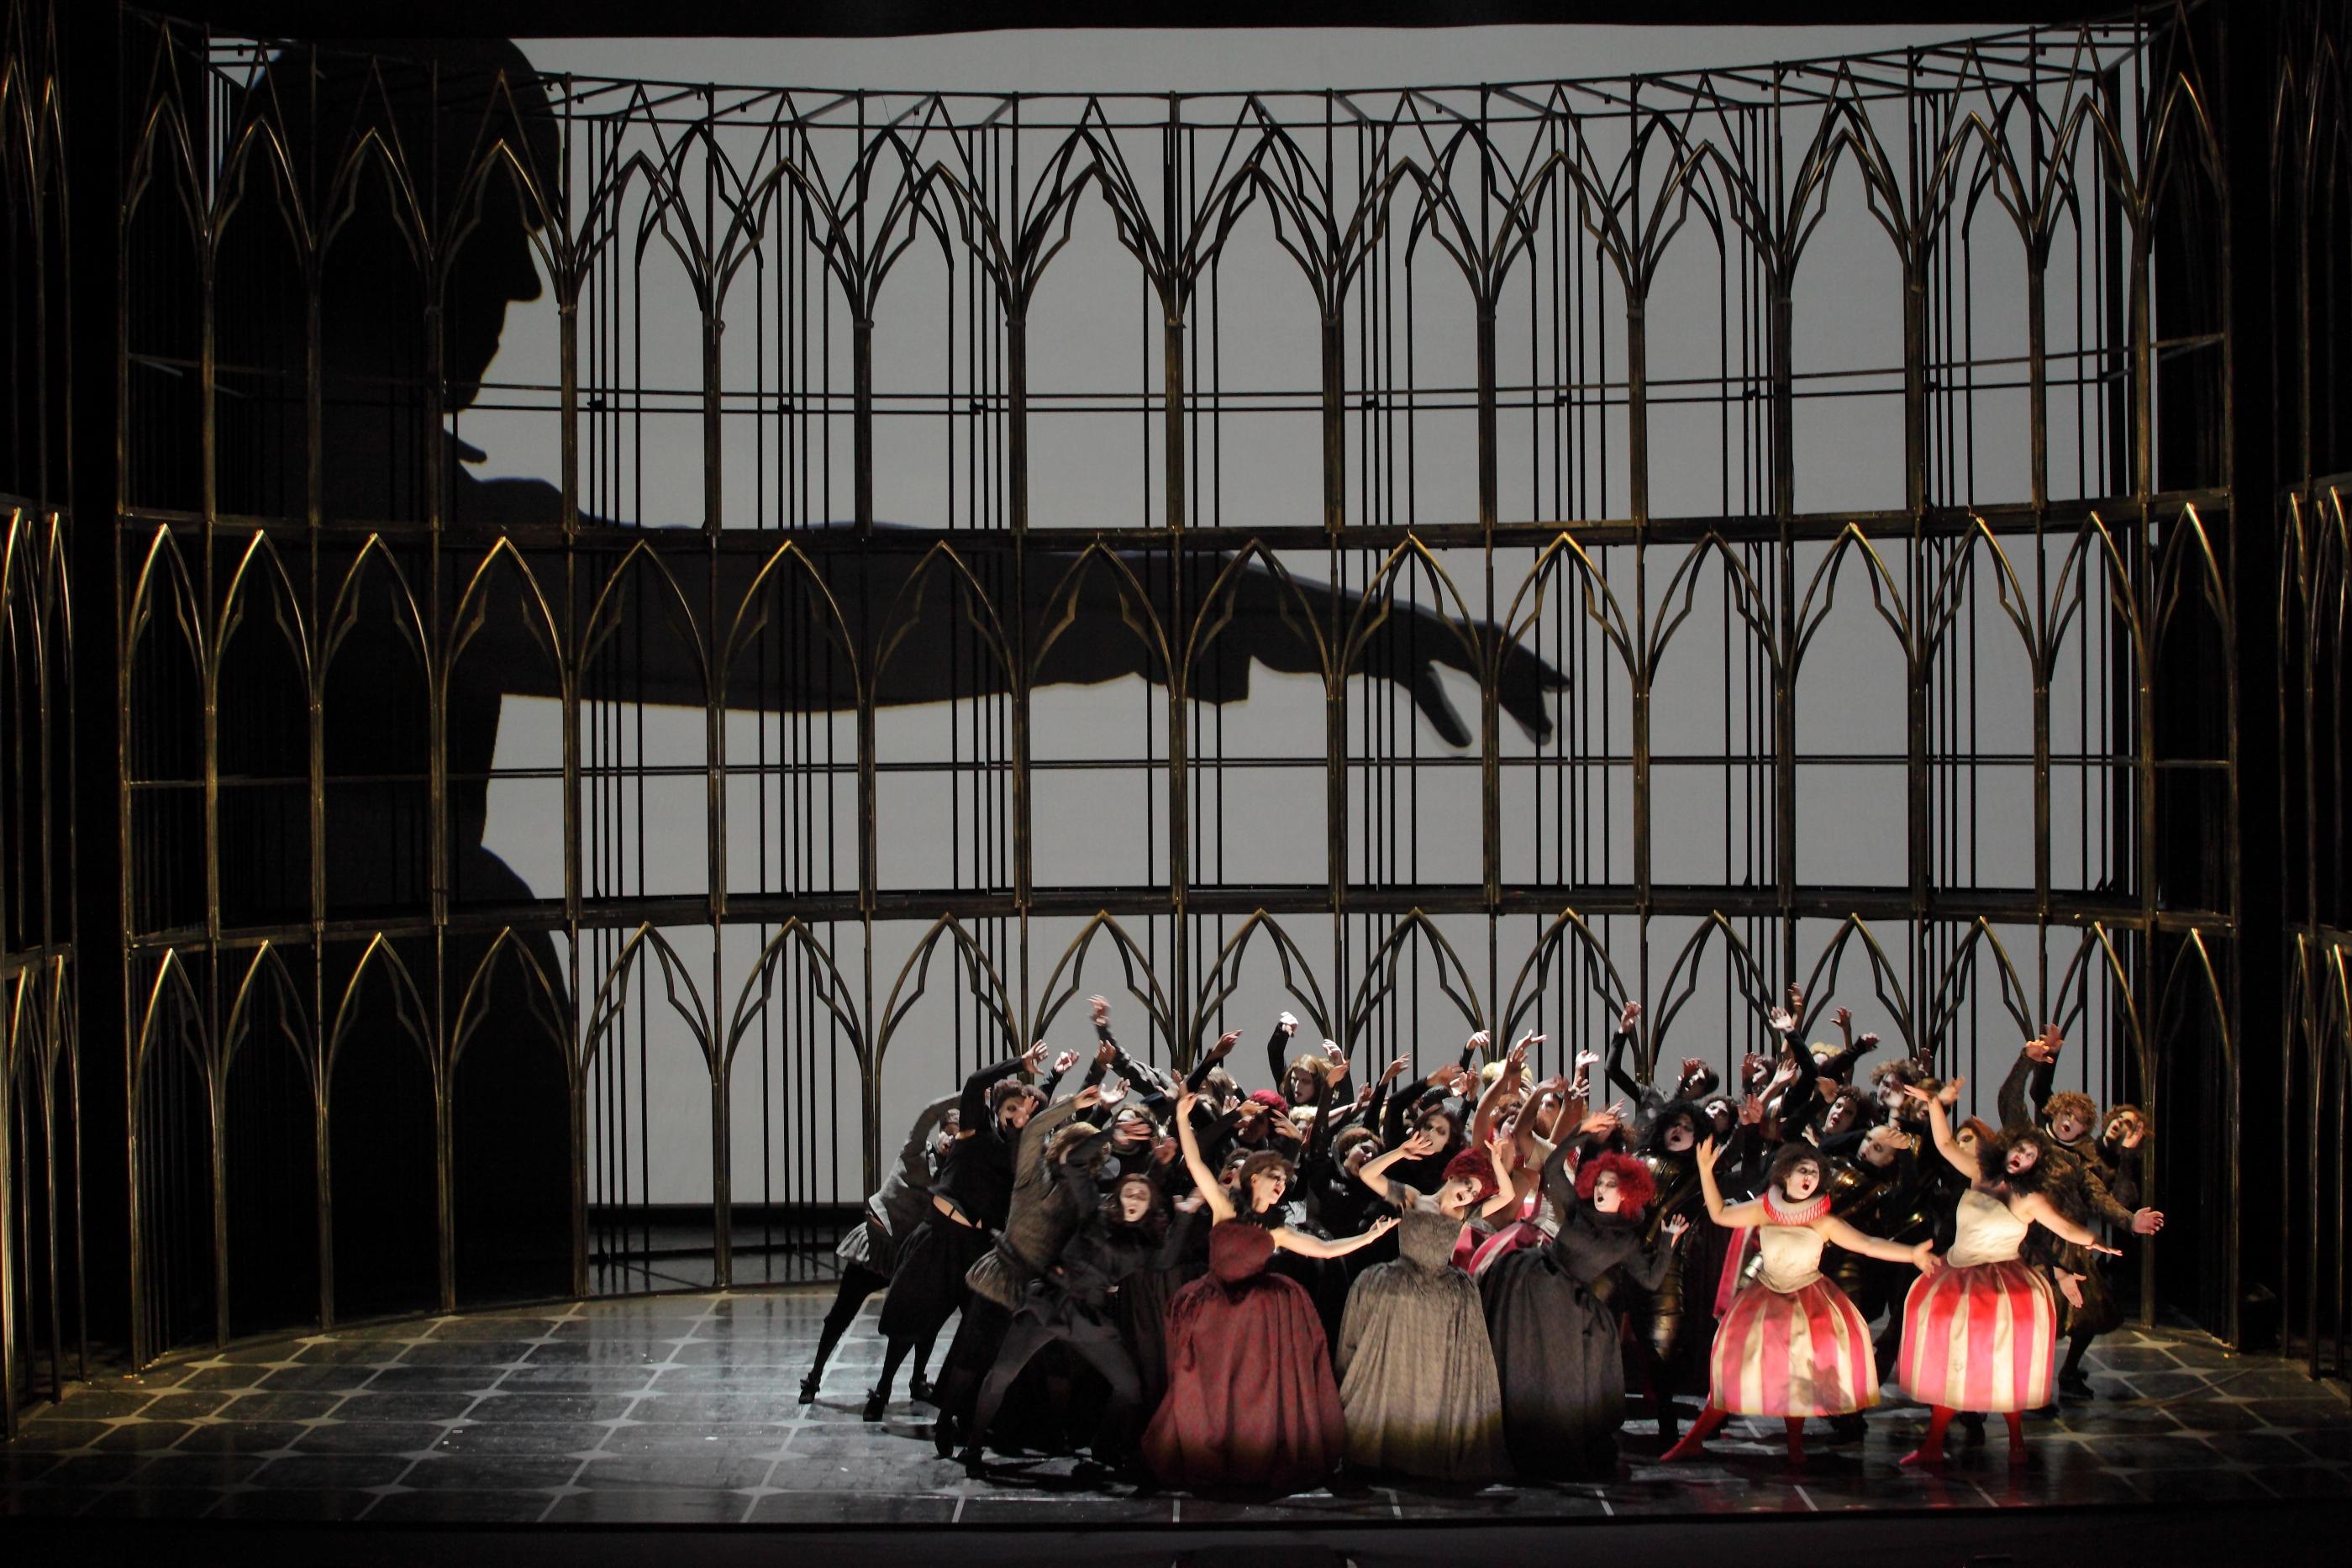 Romanttinen ooppera soi Riian festivaaleilla